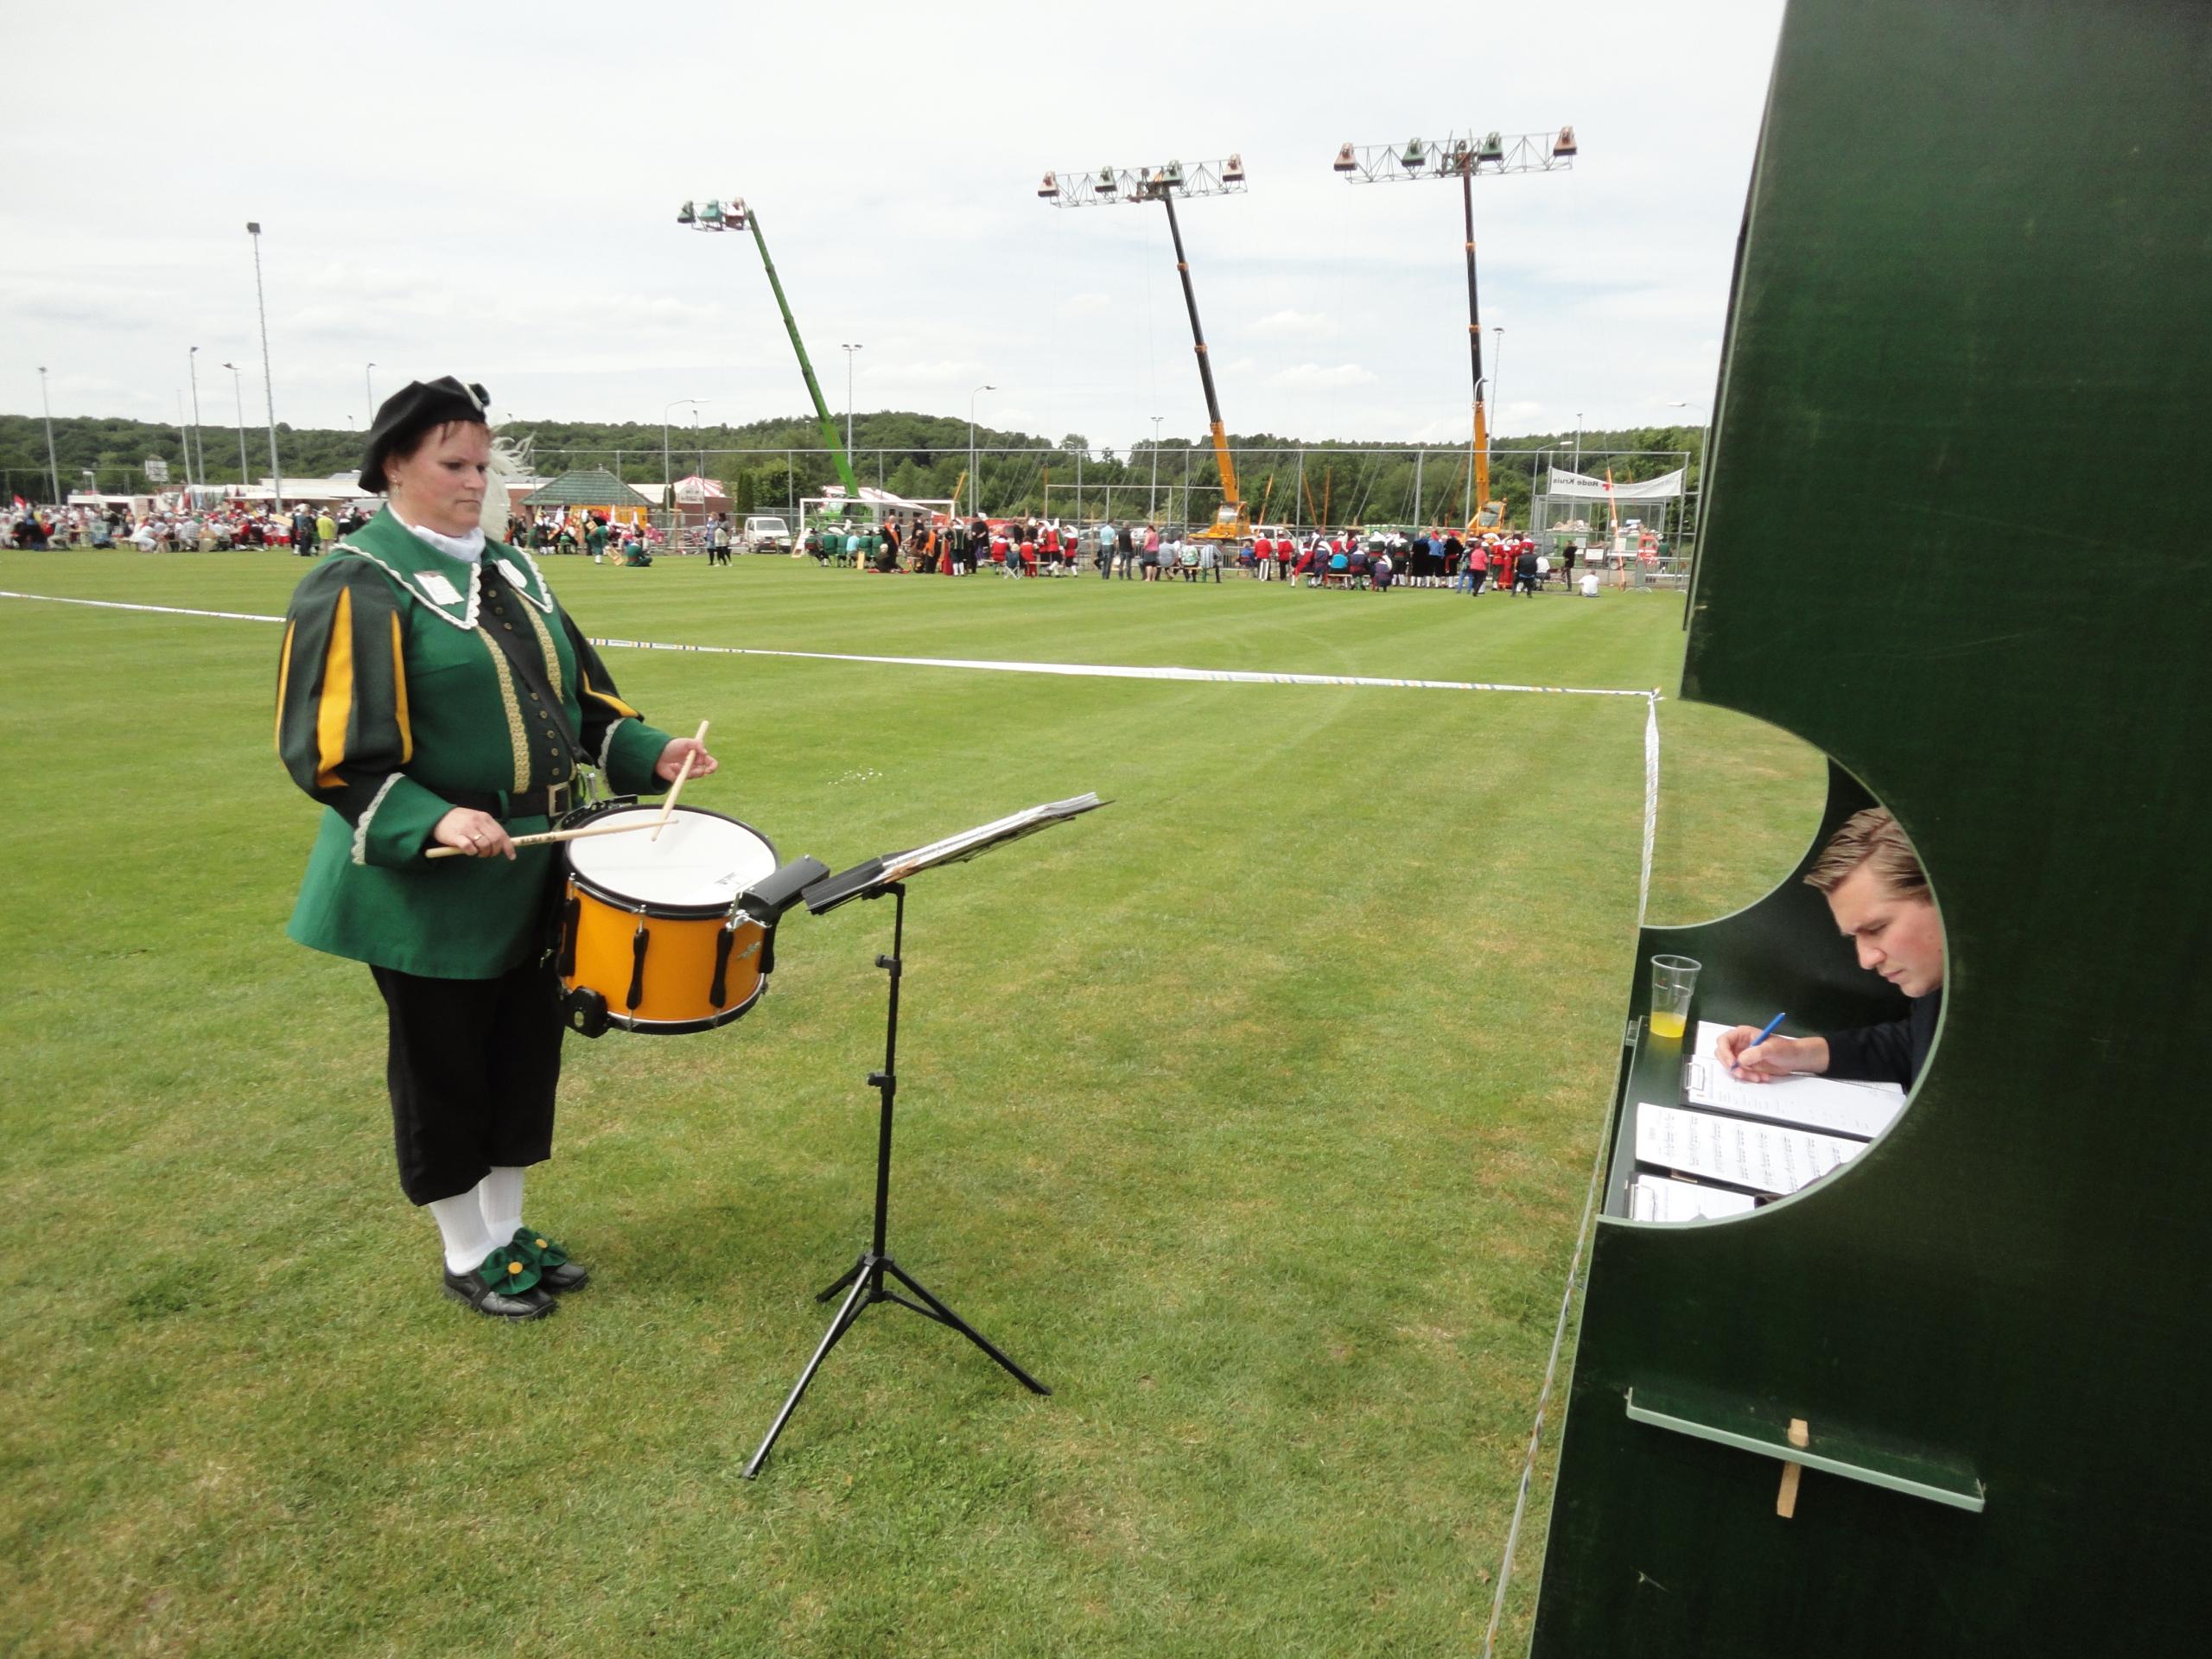 Drumband wedstrijd individueel